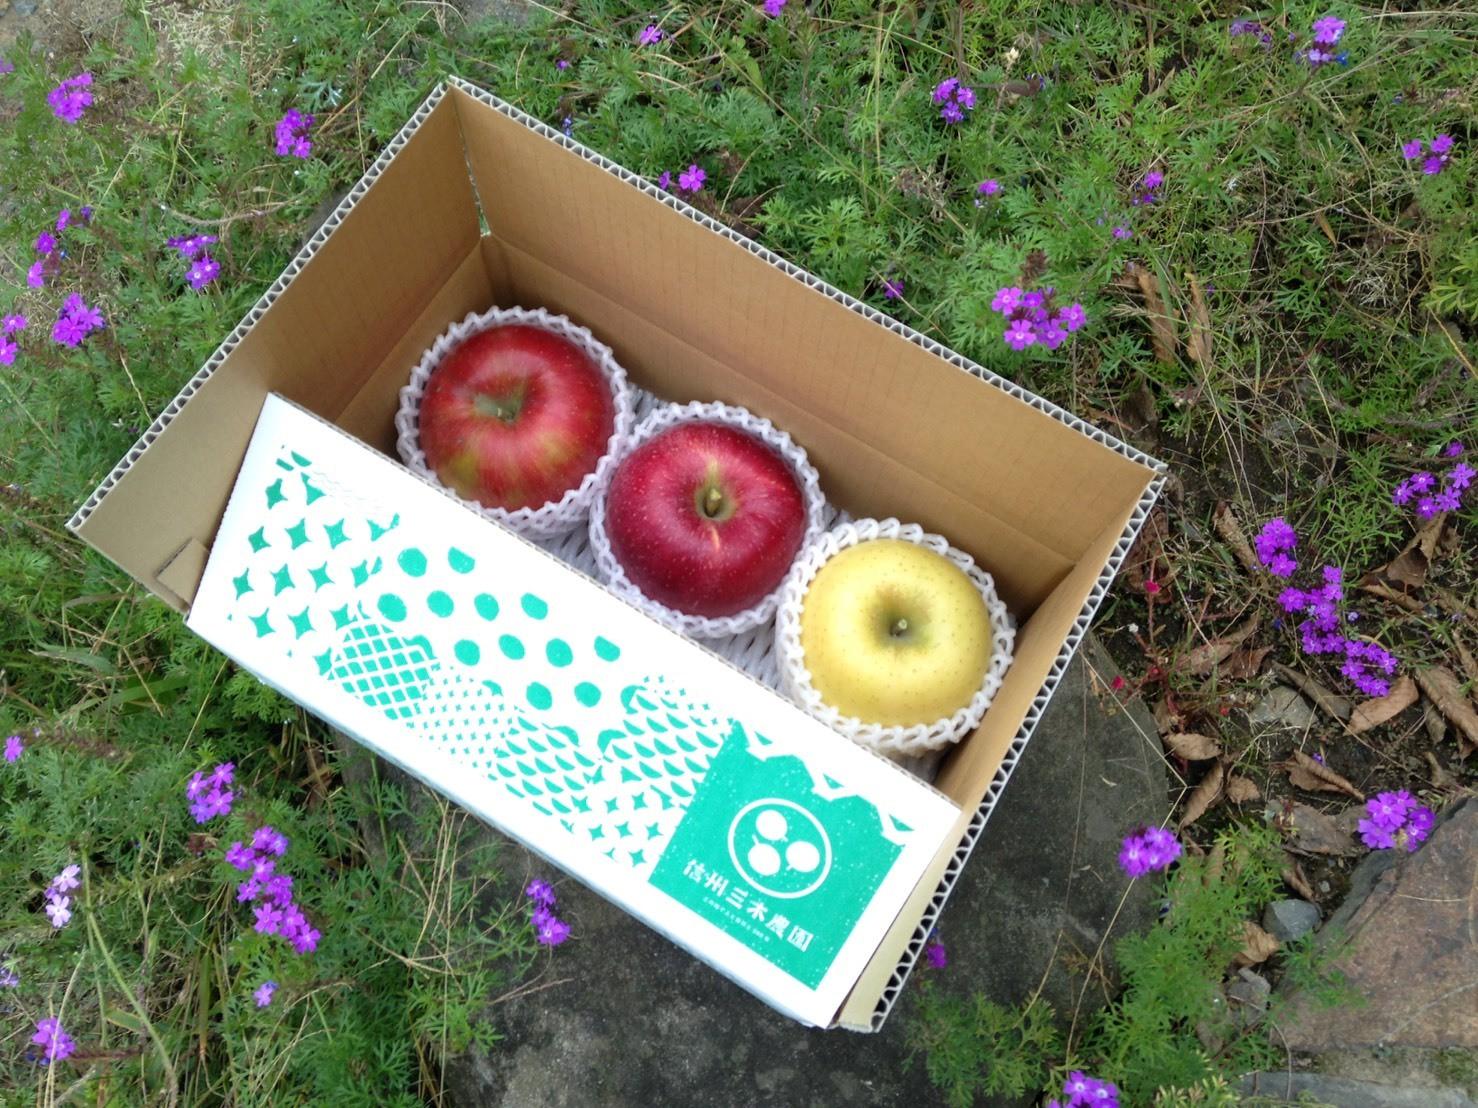 信州産のりんごが美味しい季節になりました!3つのりんご品種の食べ比べセット。